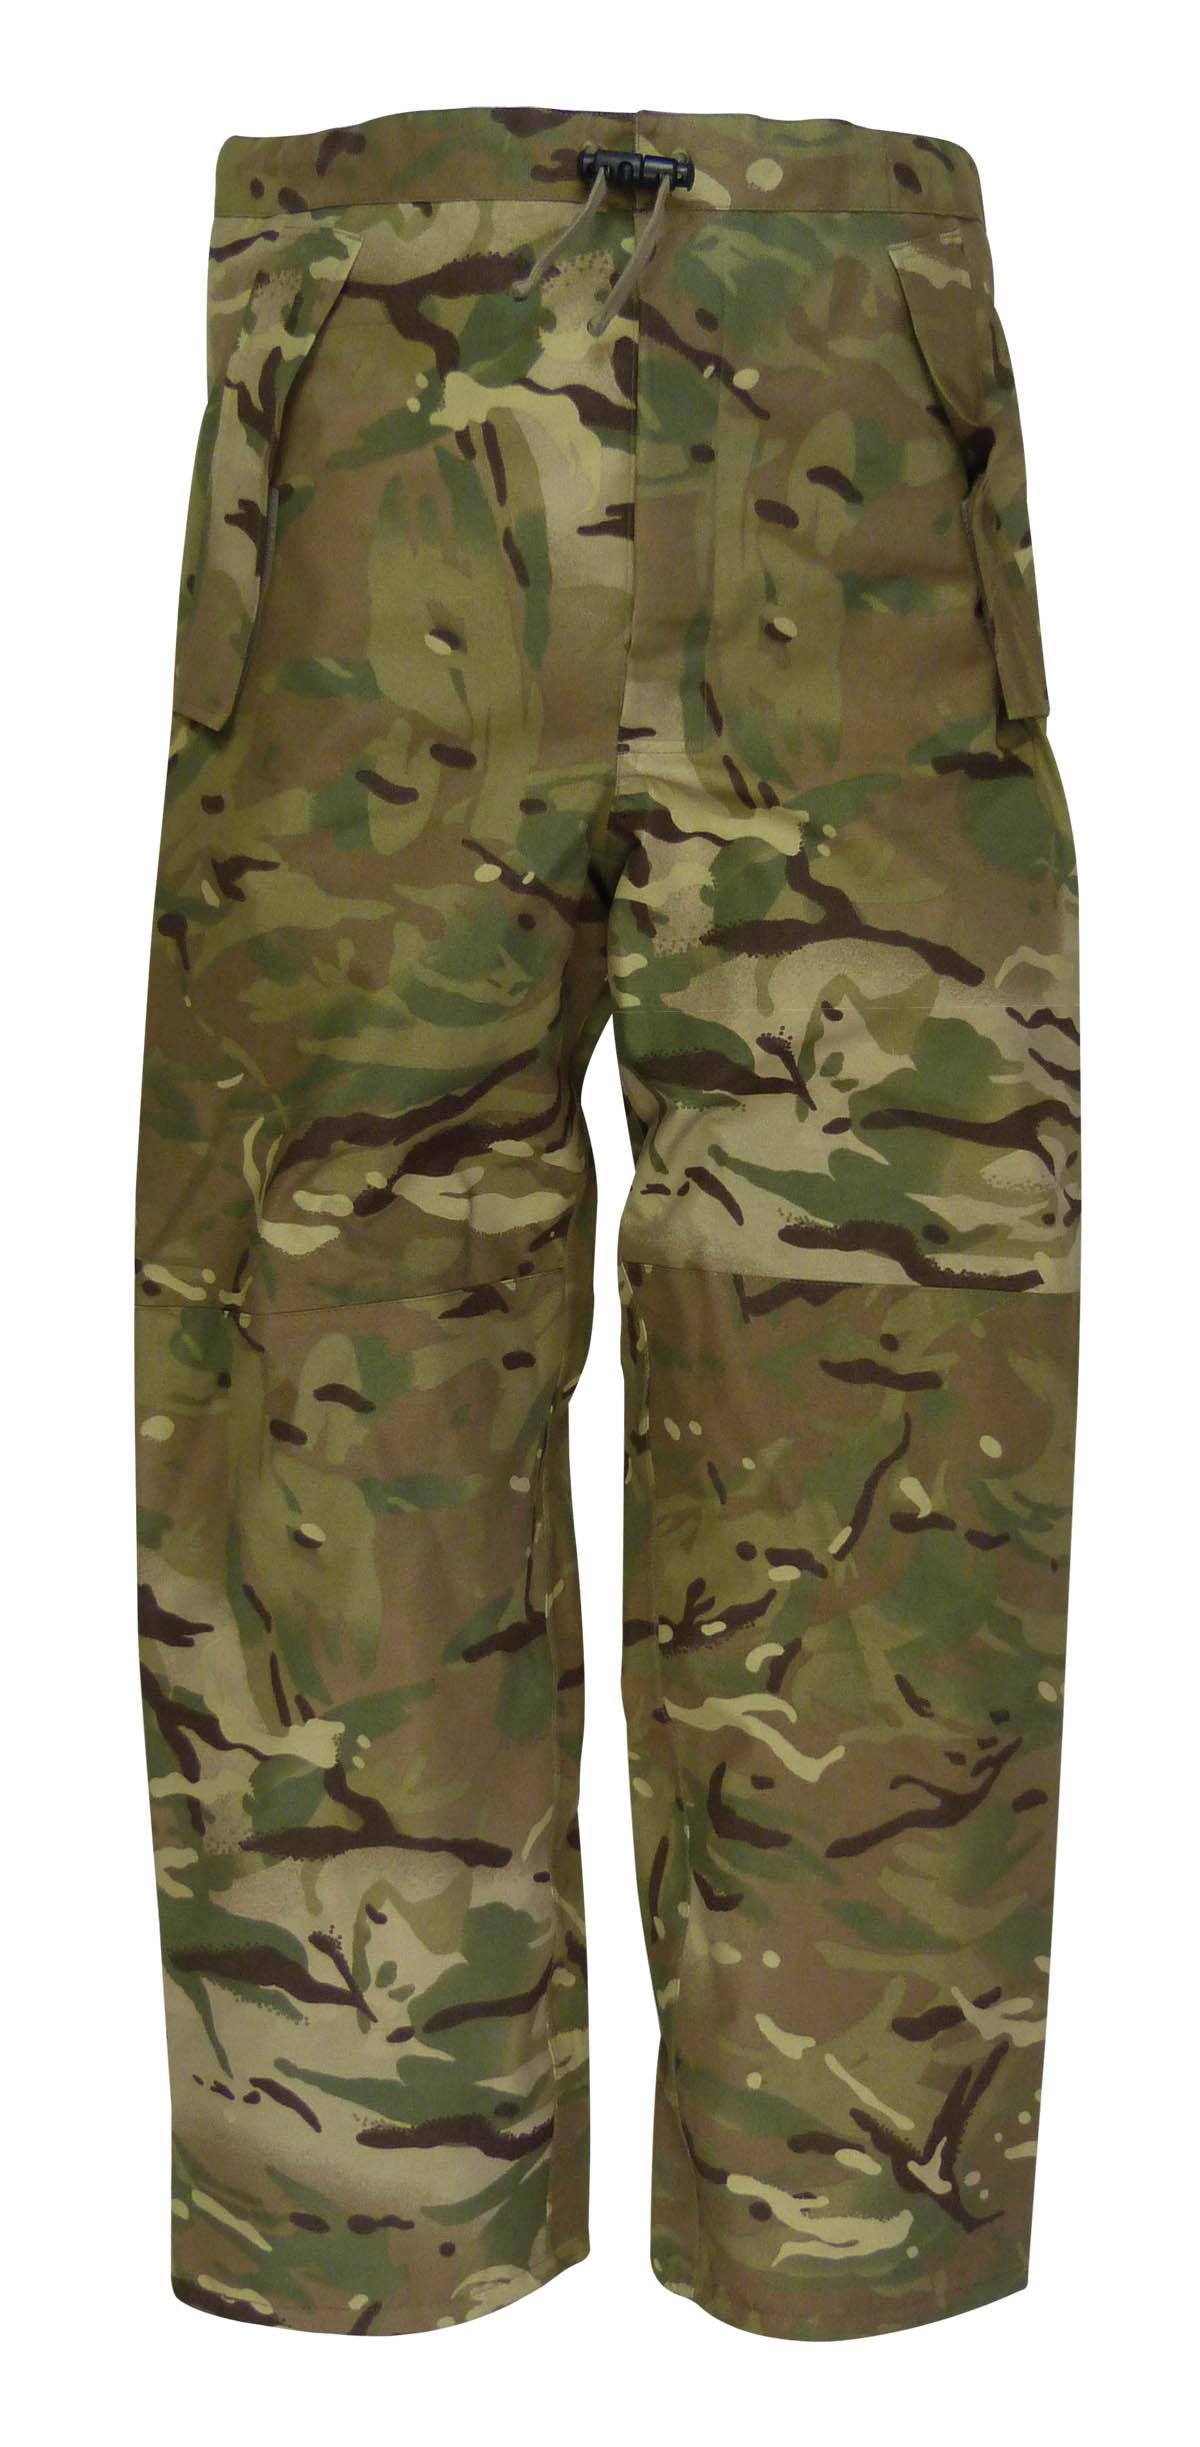 New British Mtp Goretex Trousers By British Army